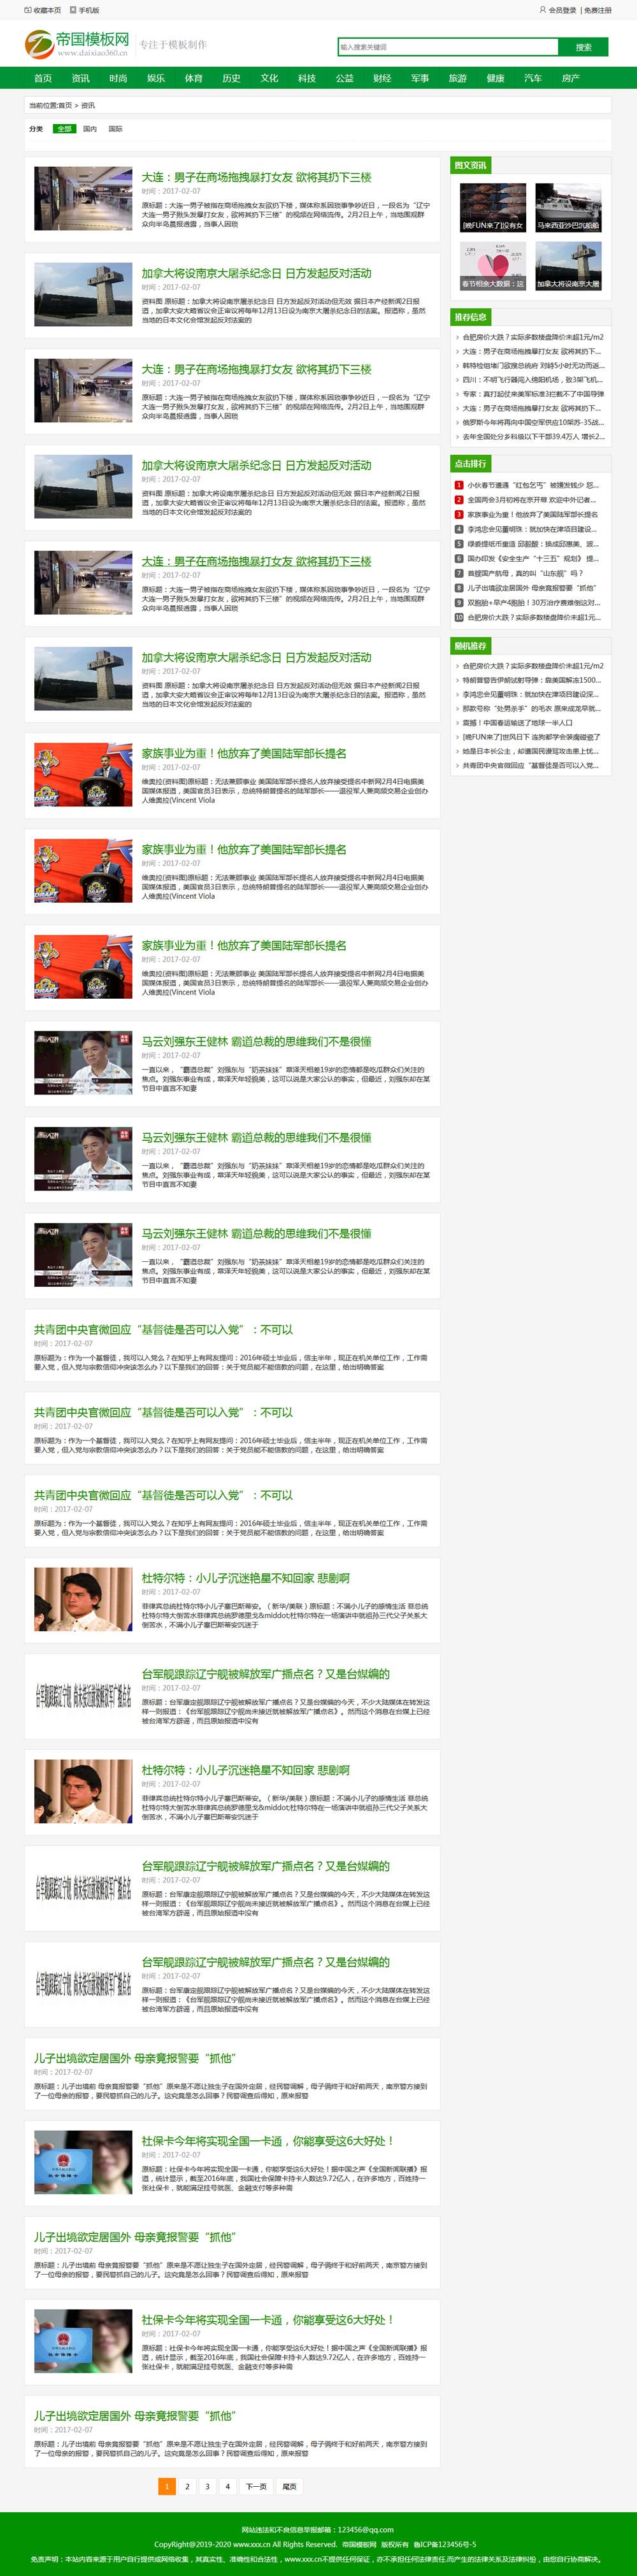 帝国cms绿色新闻文章门户网站模板加手机版加自适应会员模板可改颜色_列表页